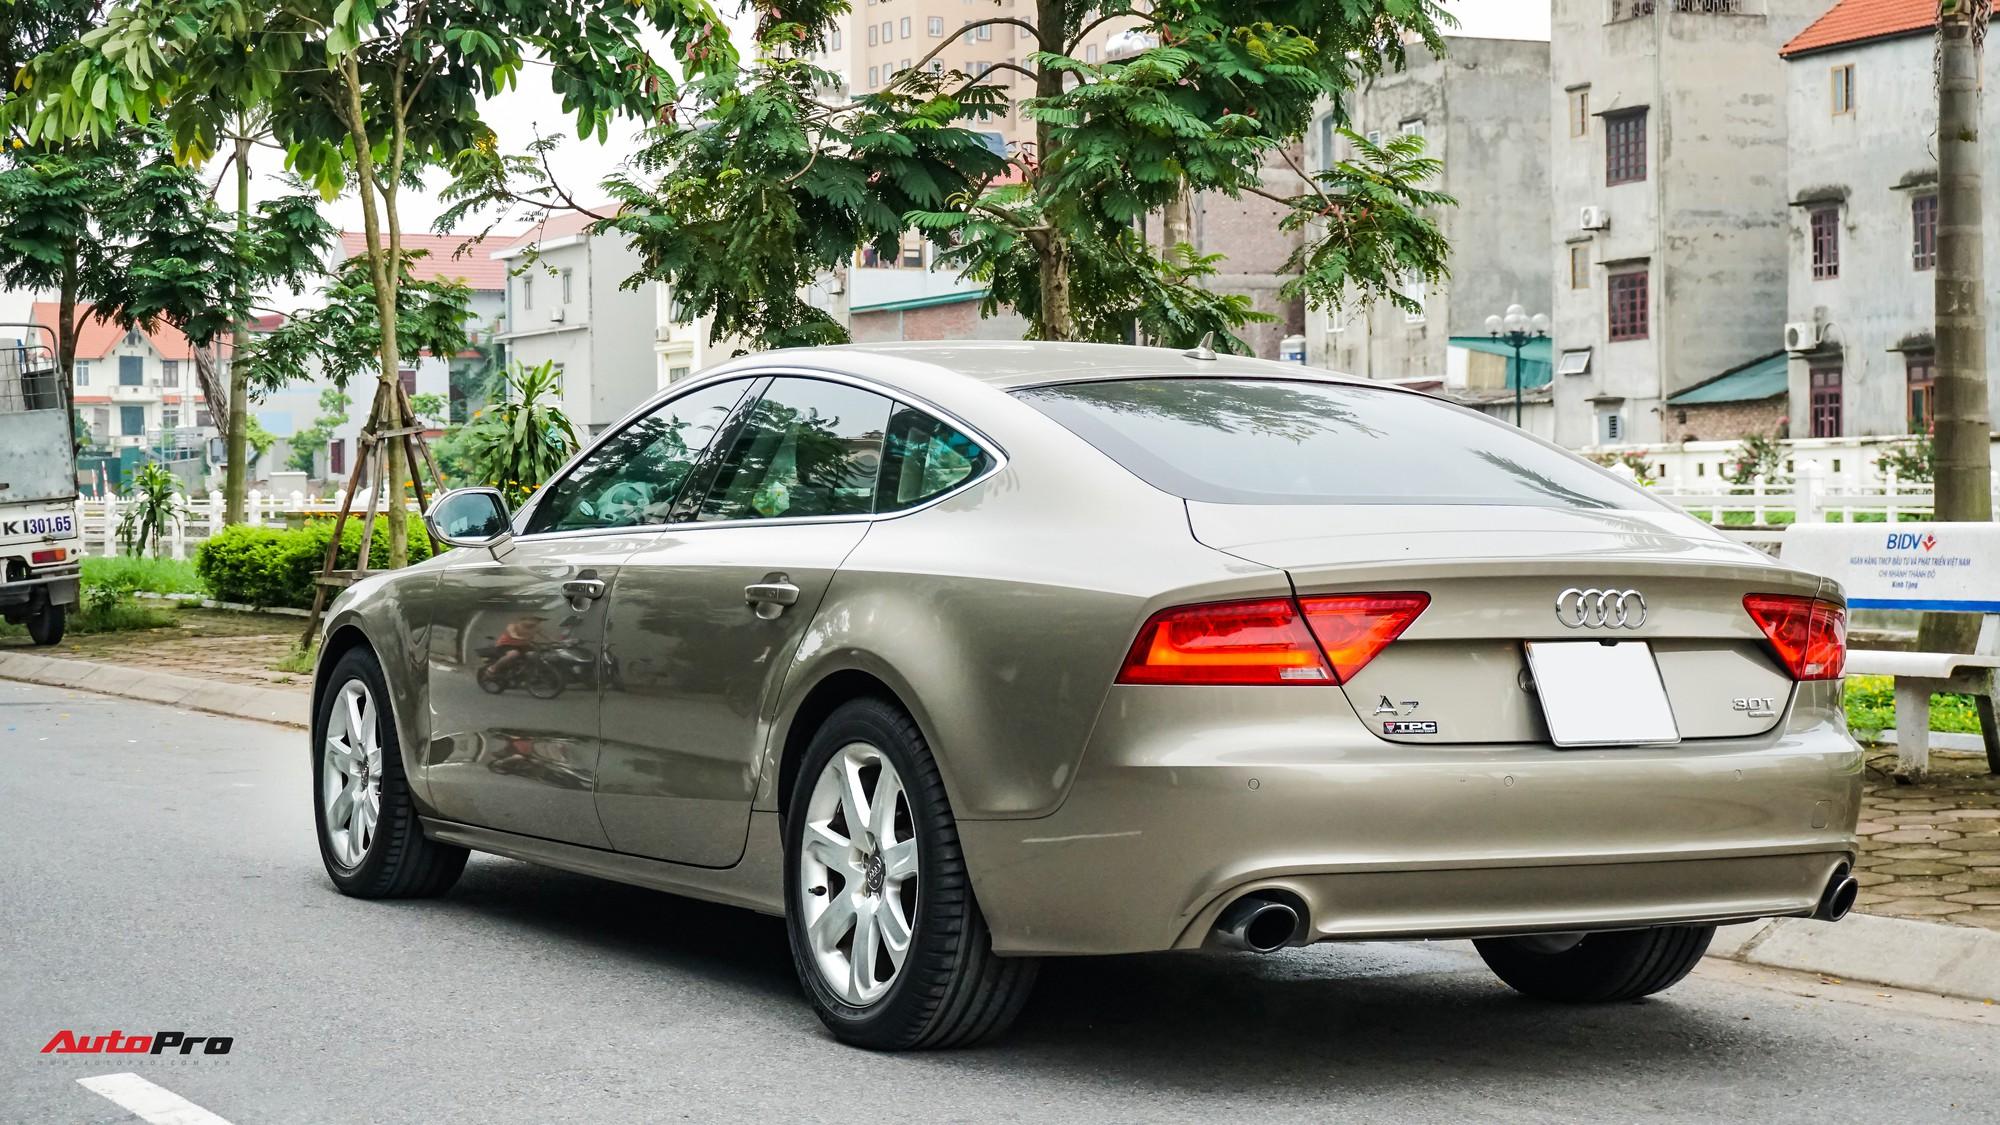 Audi A7 Sportback 7 năm tuổi bán lại 1,5 tỷ đồng tại Hà Nội - Ảnh 4.